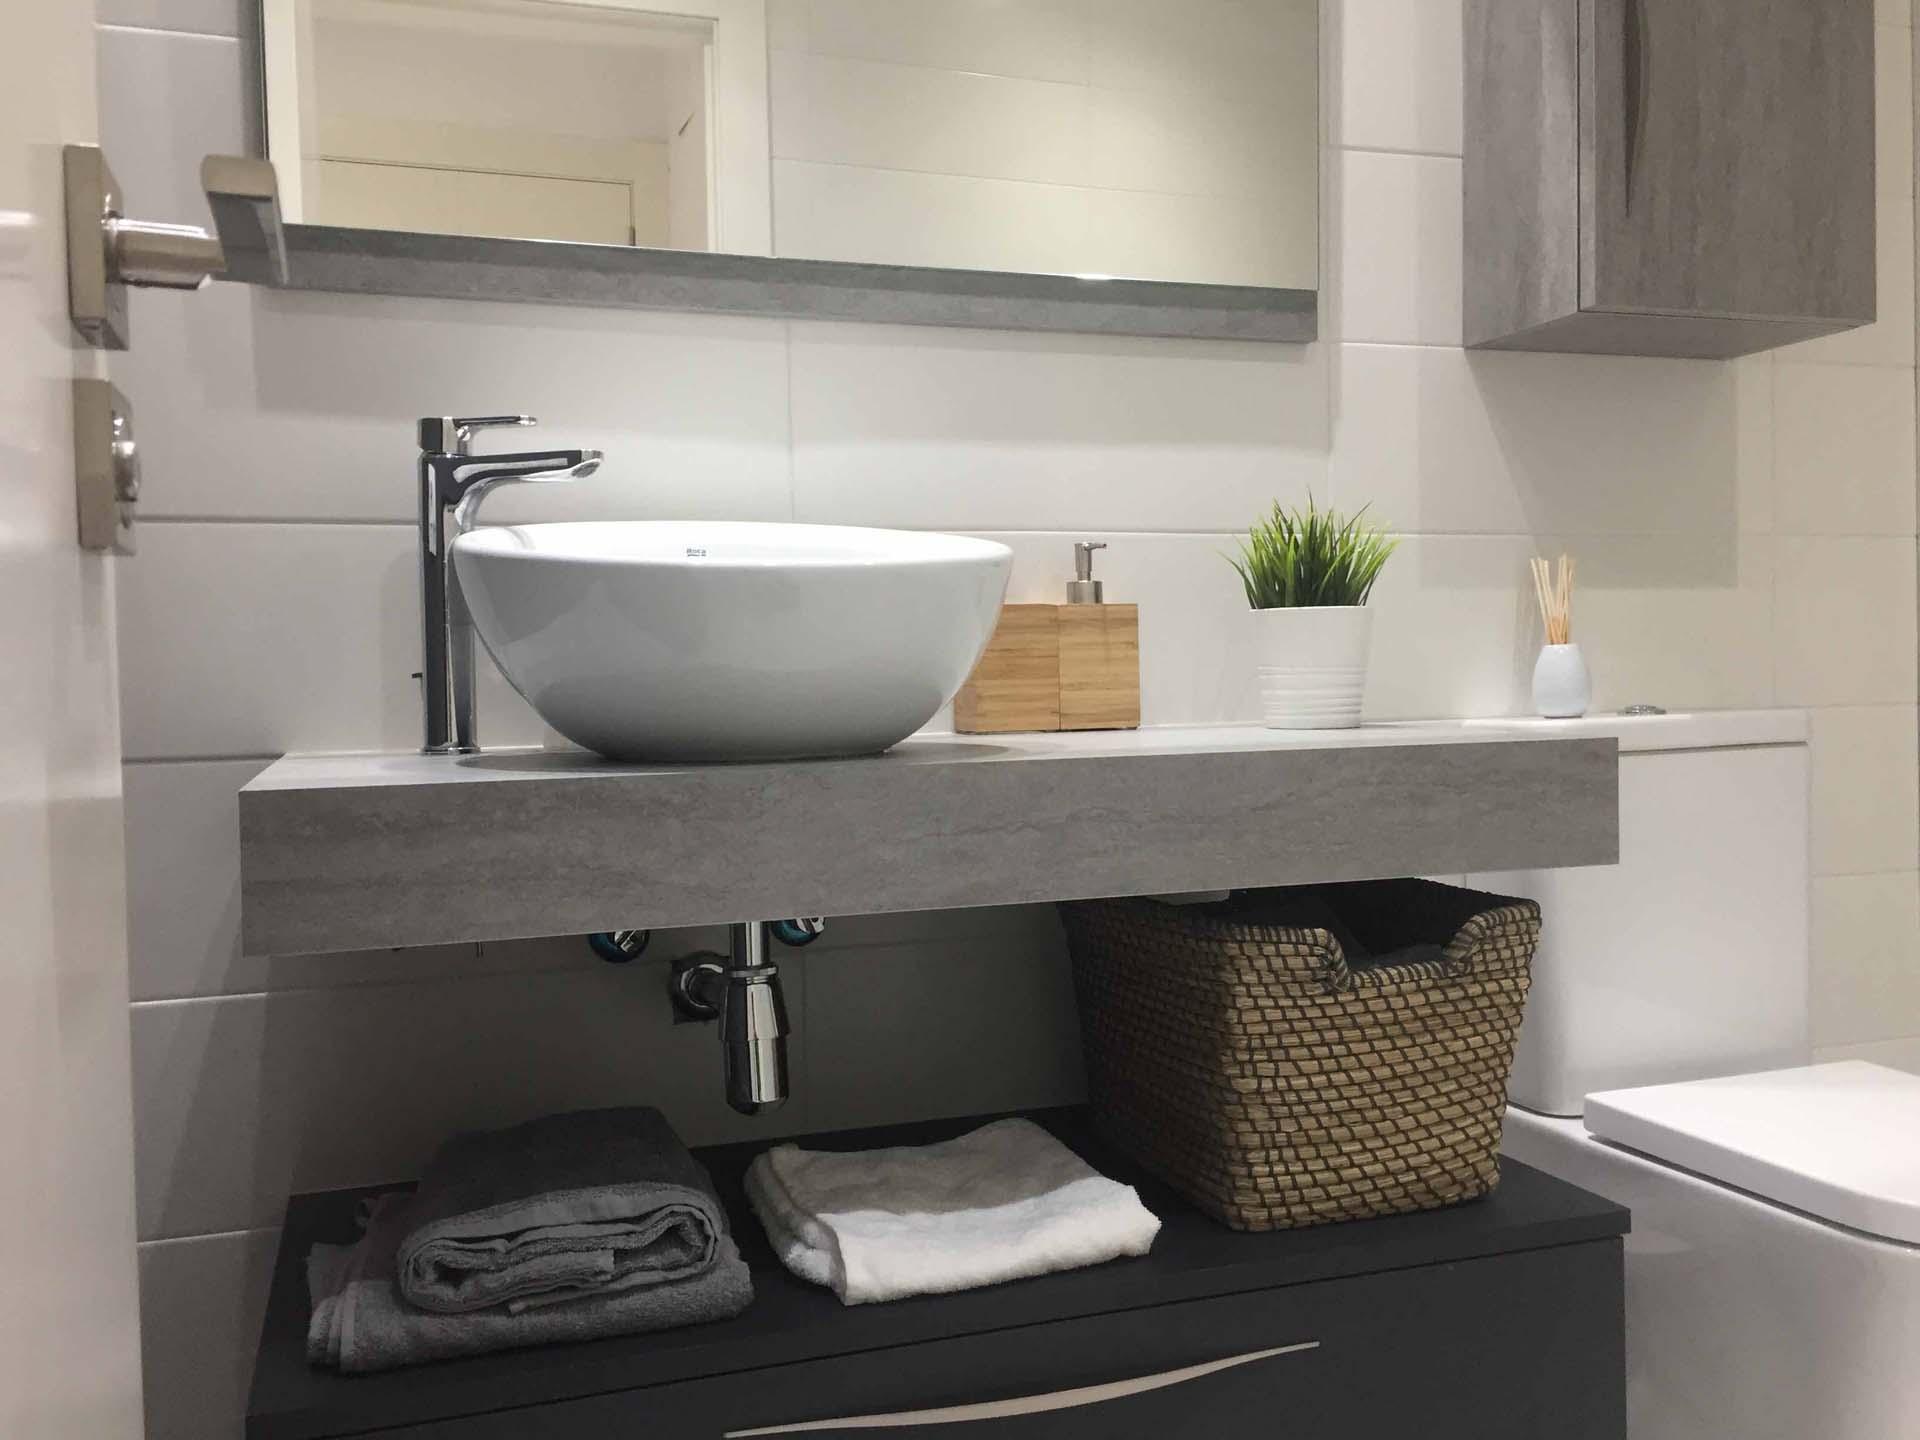 Ba o con encimera ingletada pizarra gris arnit for Mueble lavabo sobre encimera